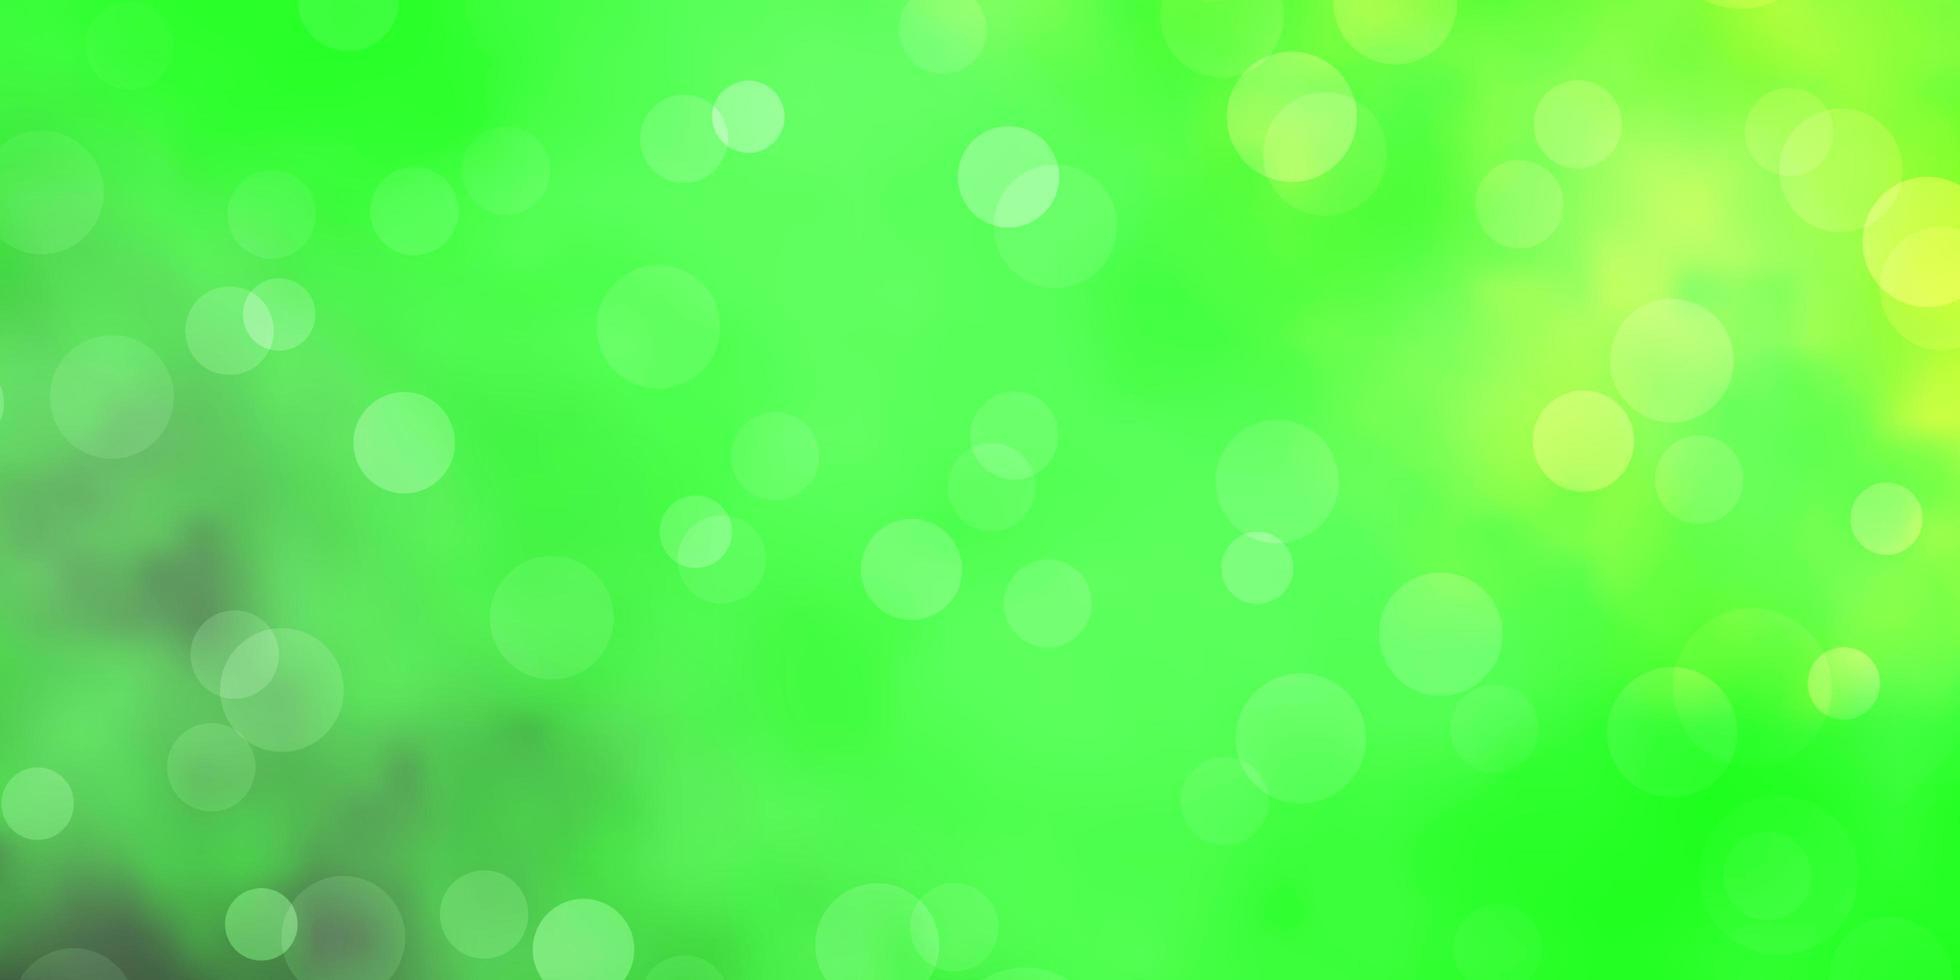 hellgrüne, gelbe Vektorbeschaffenheit mit Scheiben. vektor